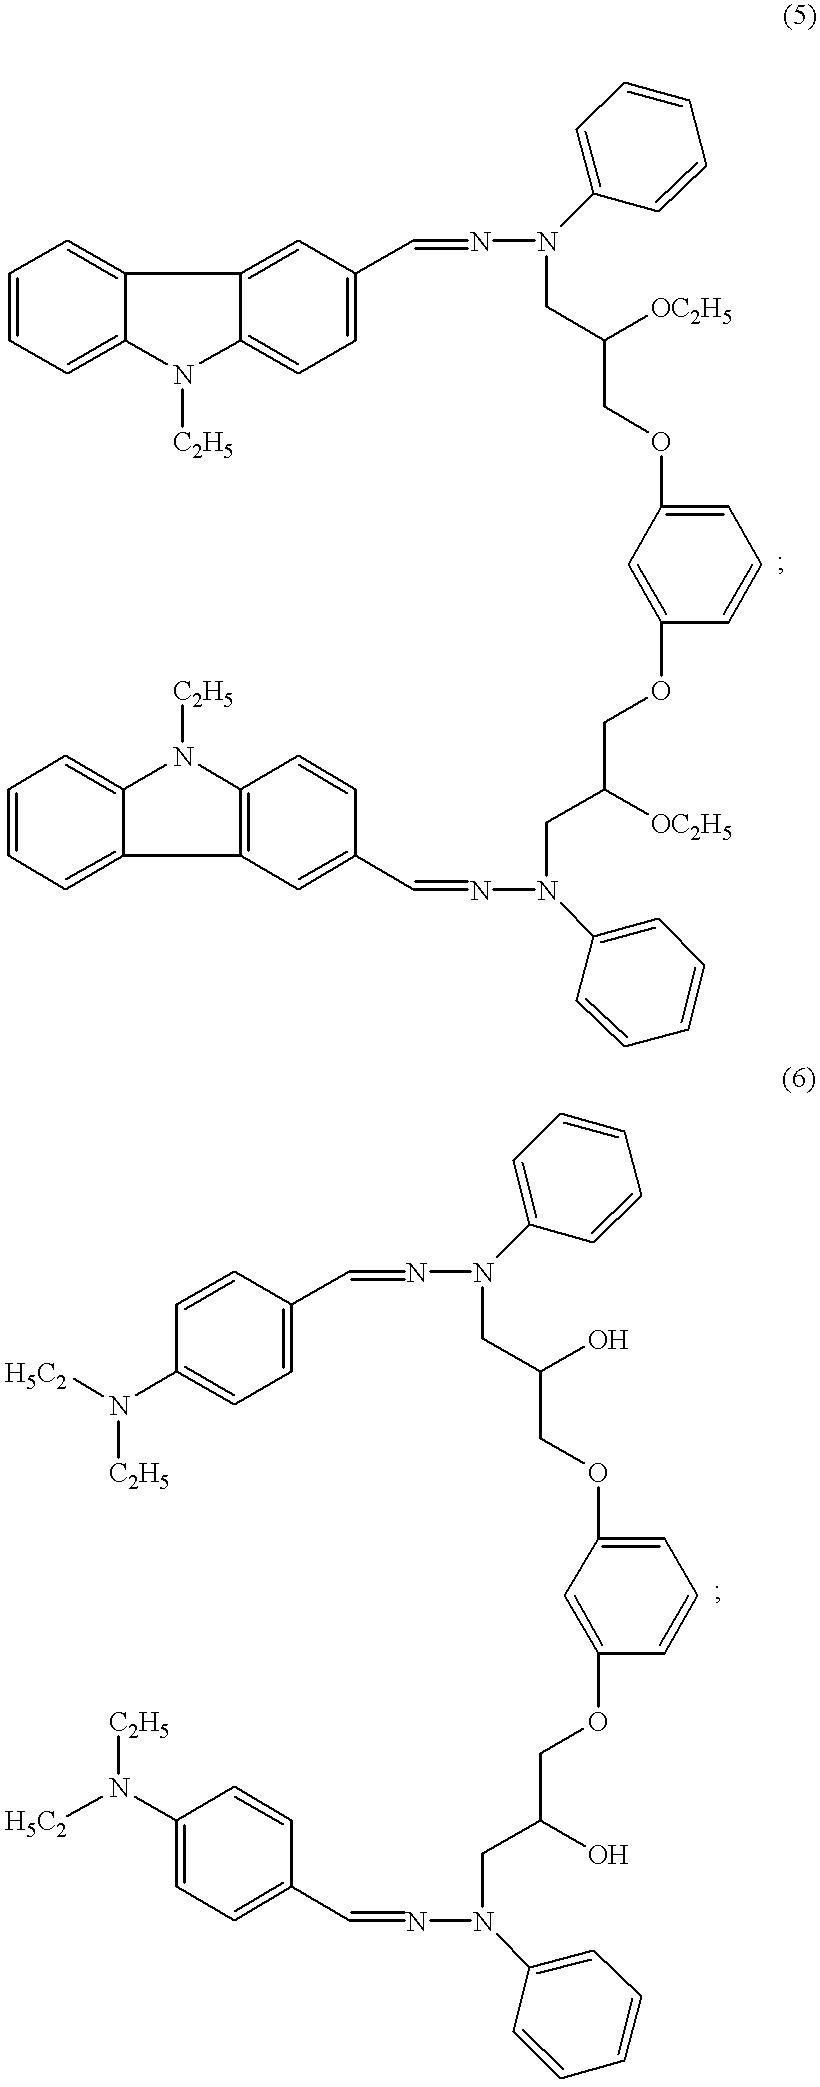 Figure US06214503-20010410-C00032